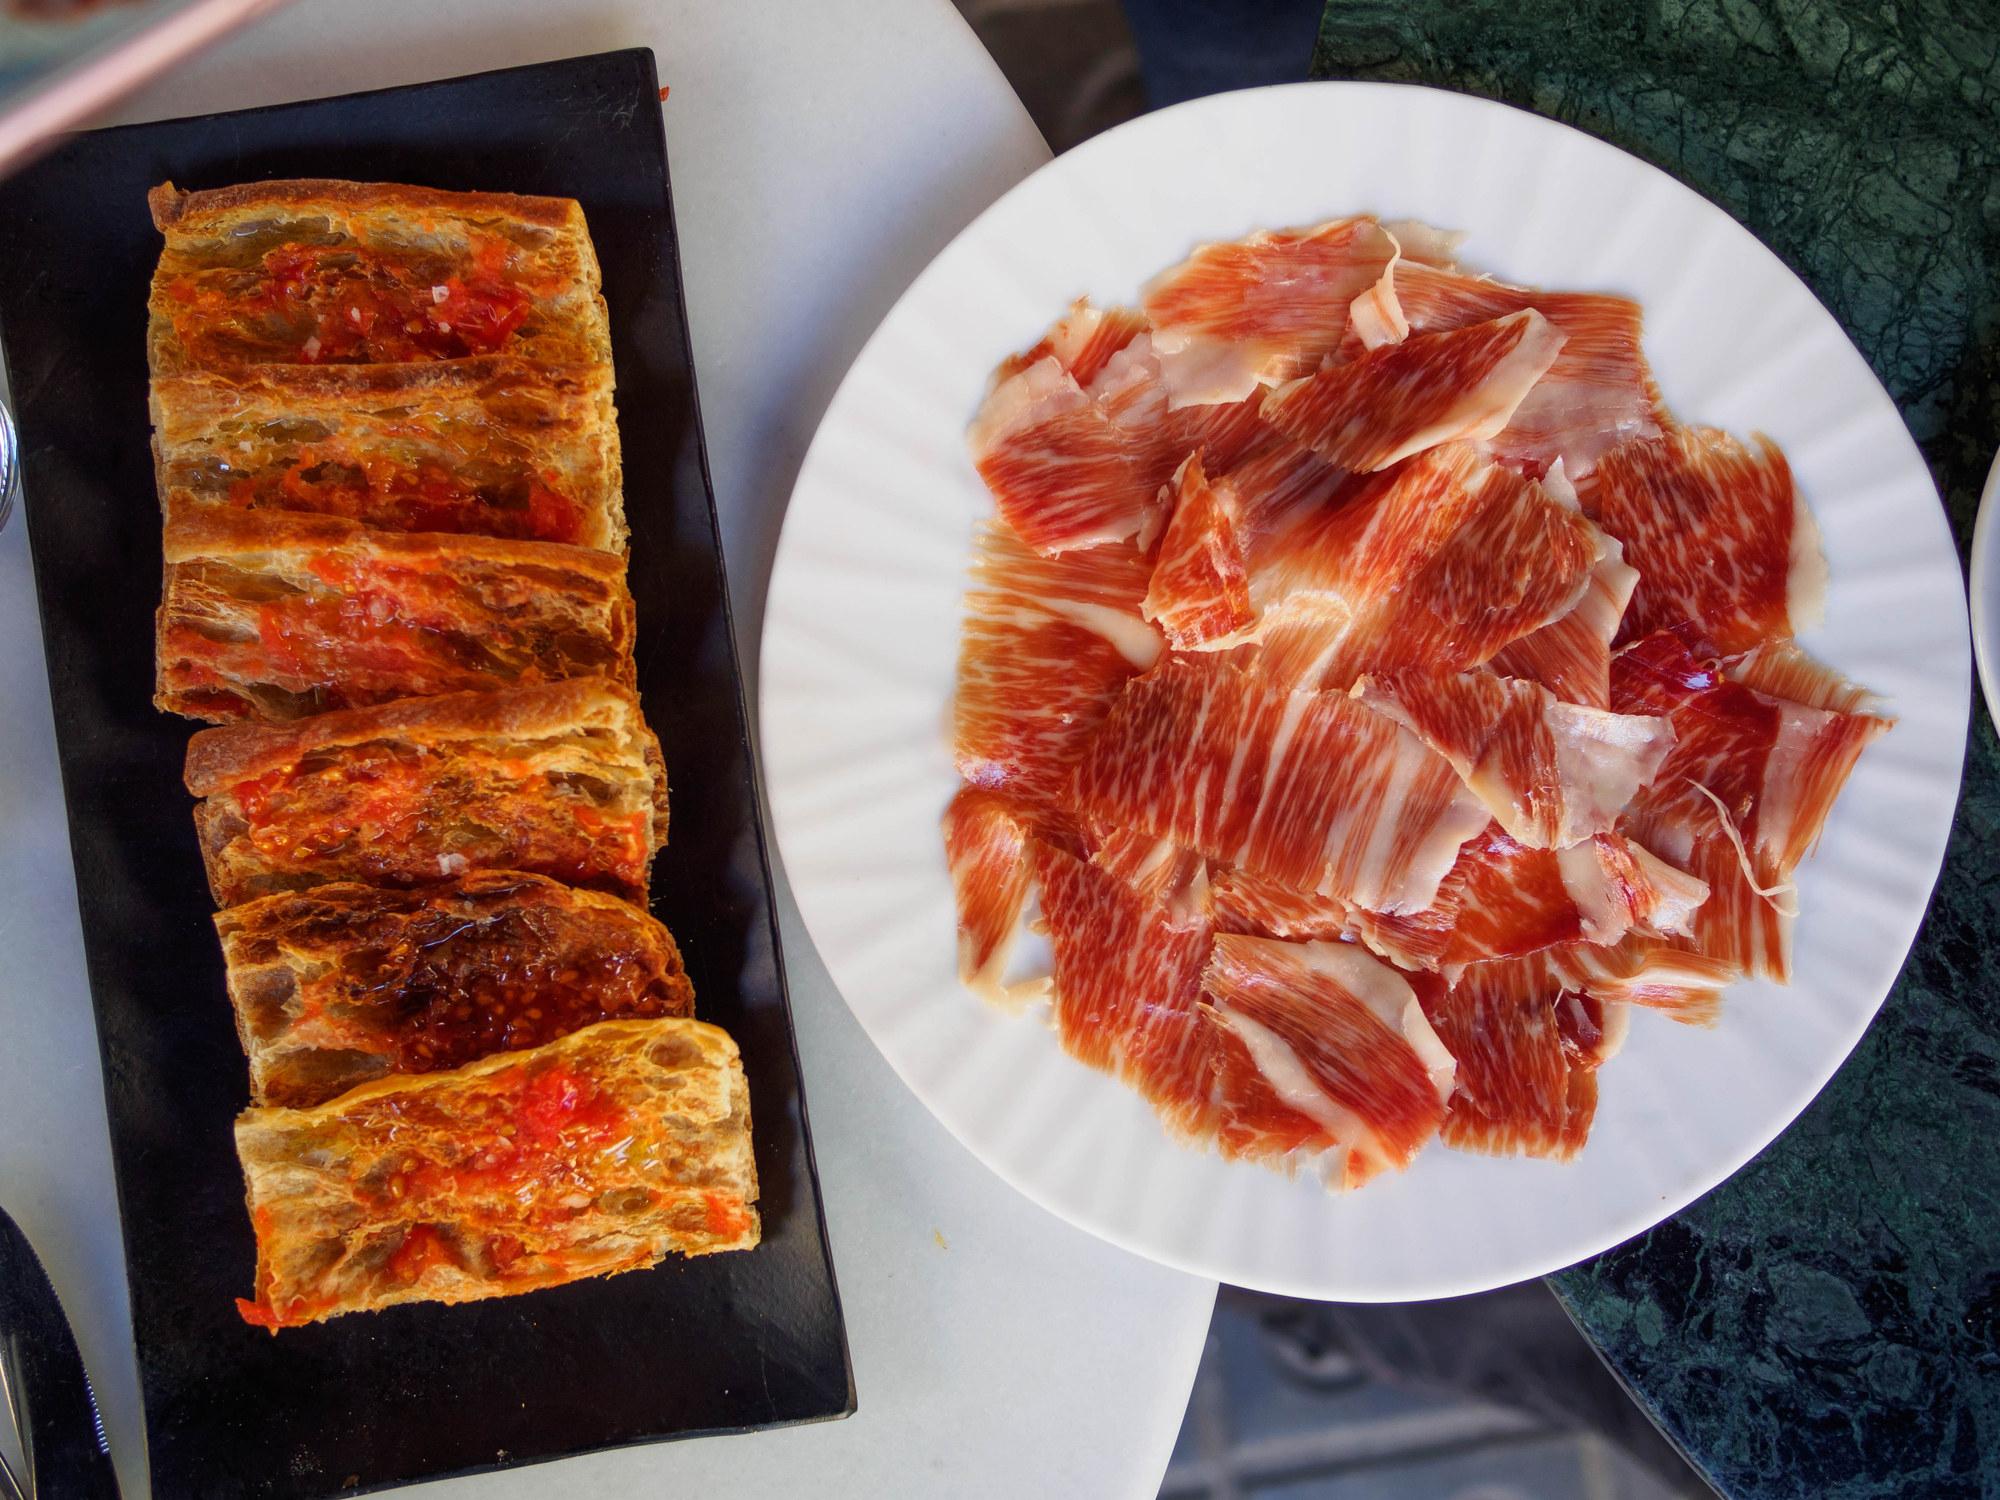 Pan con tomate and jamon iberico.